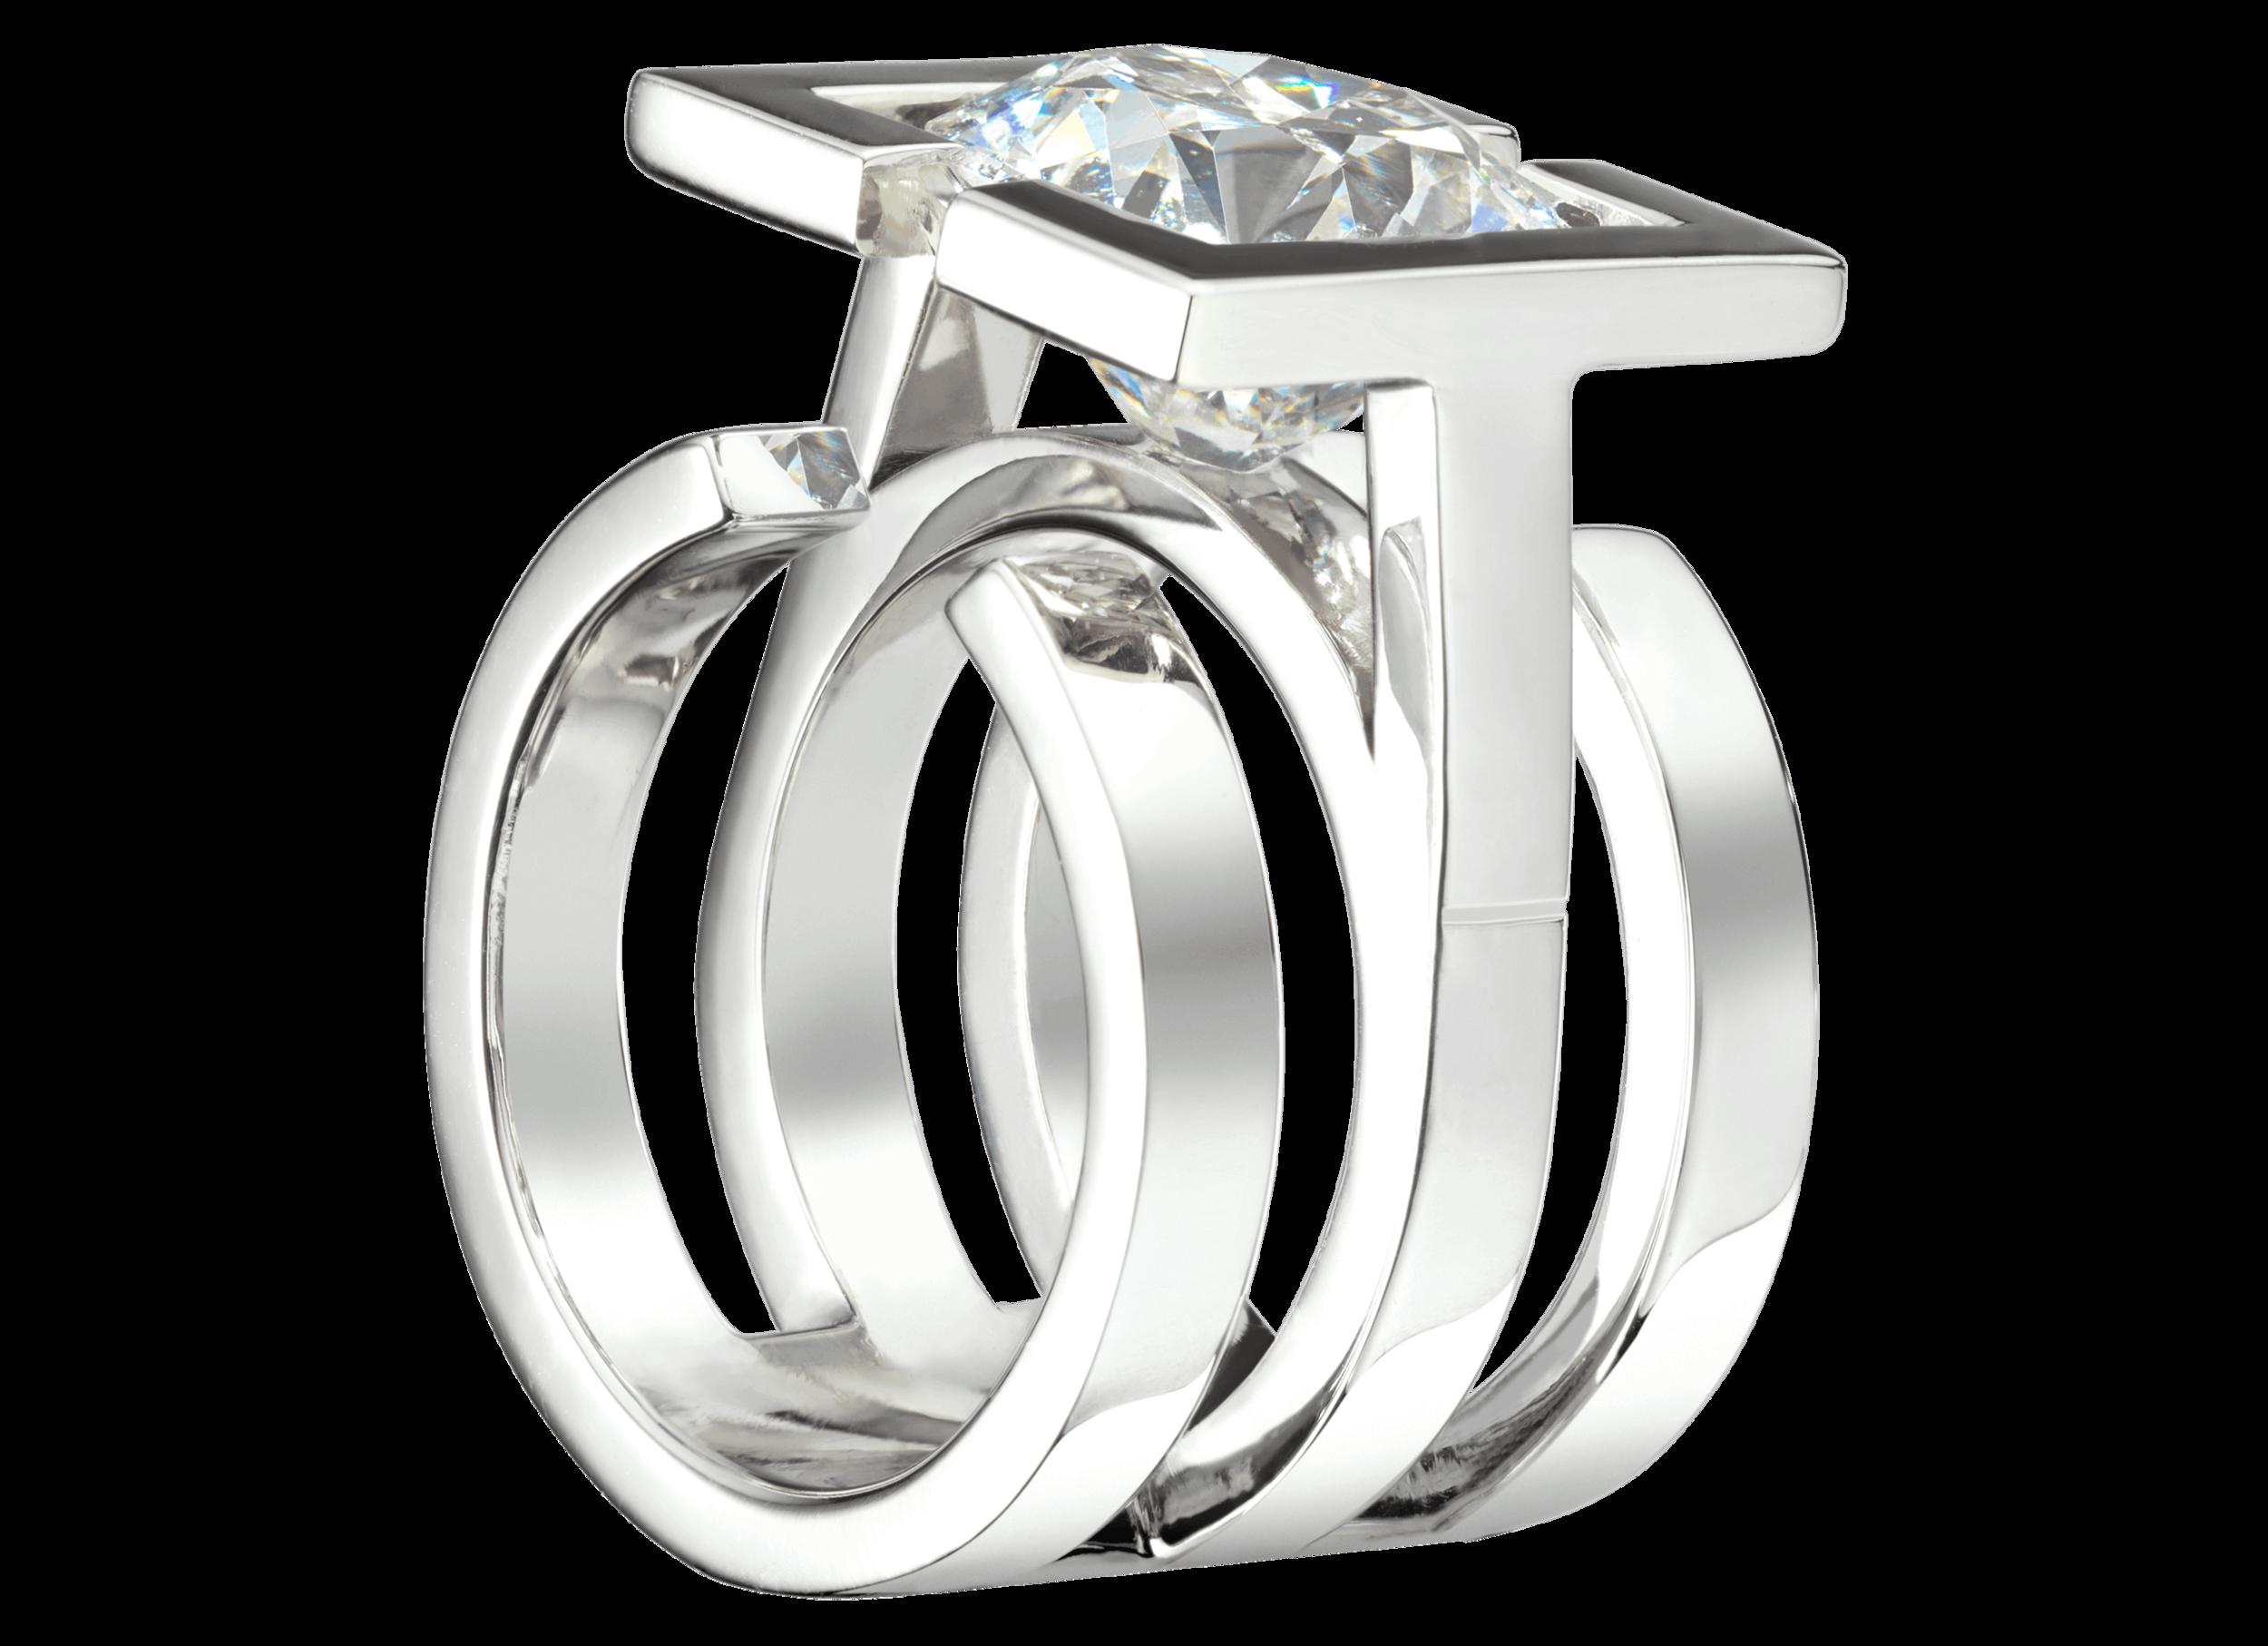 Bague Saint-Louis - Monture à partir de 3 000 € plus la pierre centrale.(modèle présenté or blanc et diamants de 5,45 carats - prix sur demande).